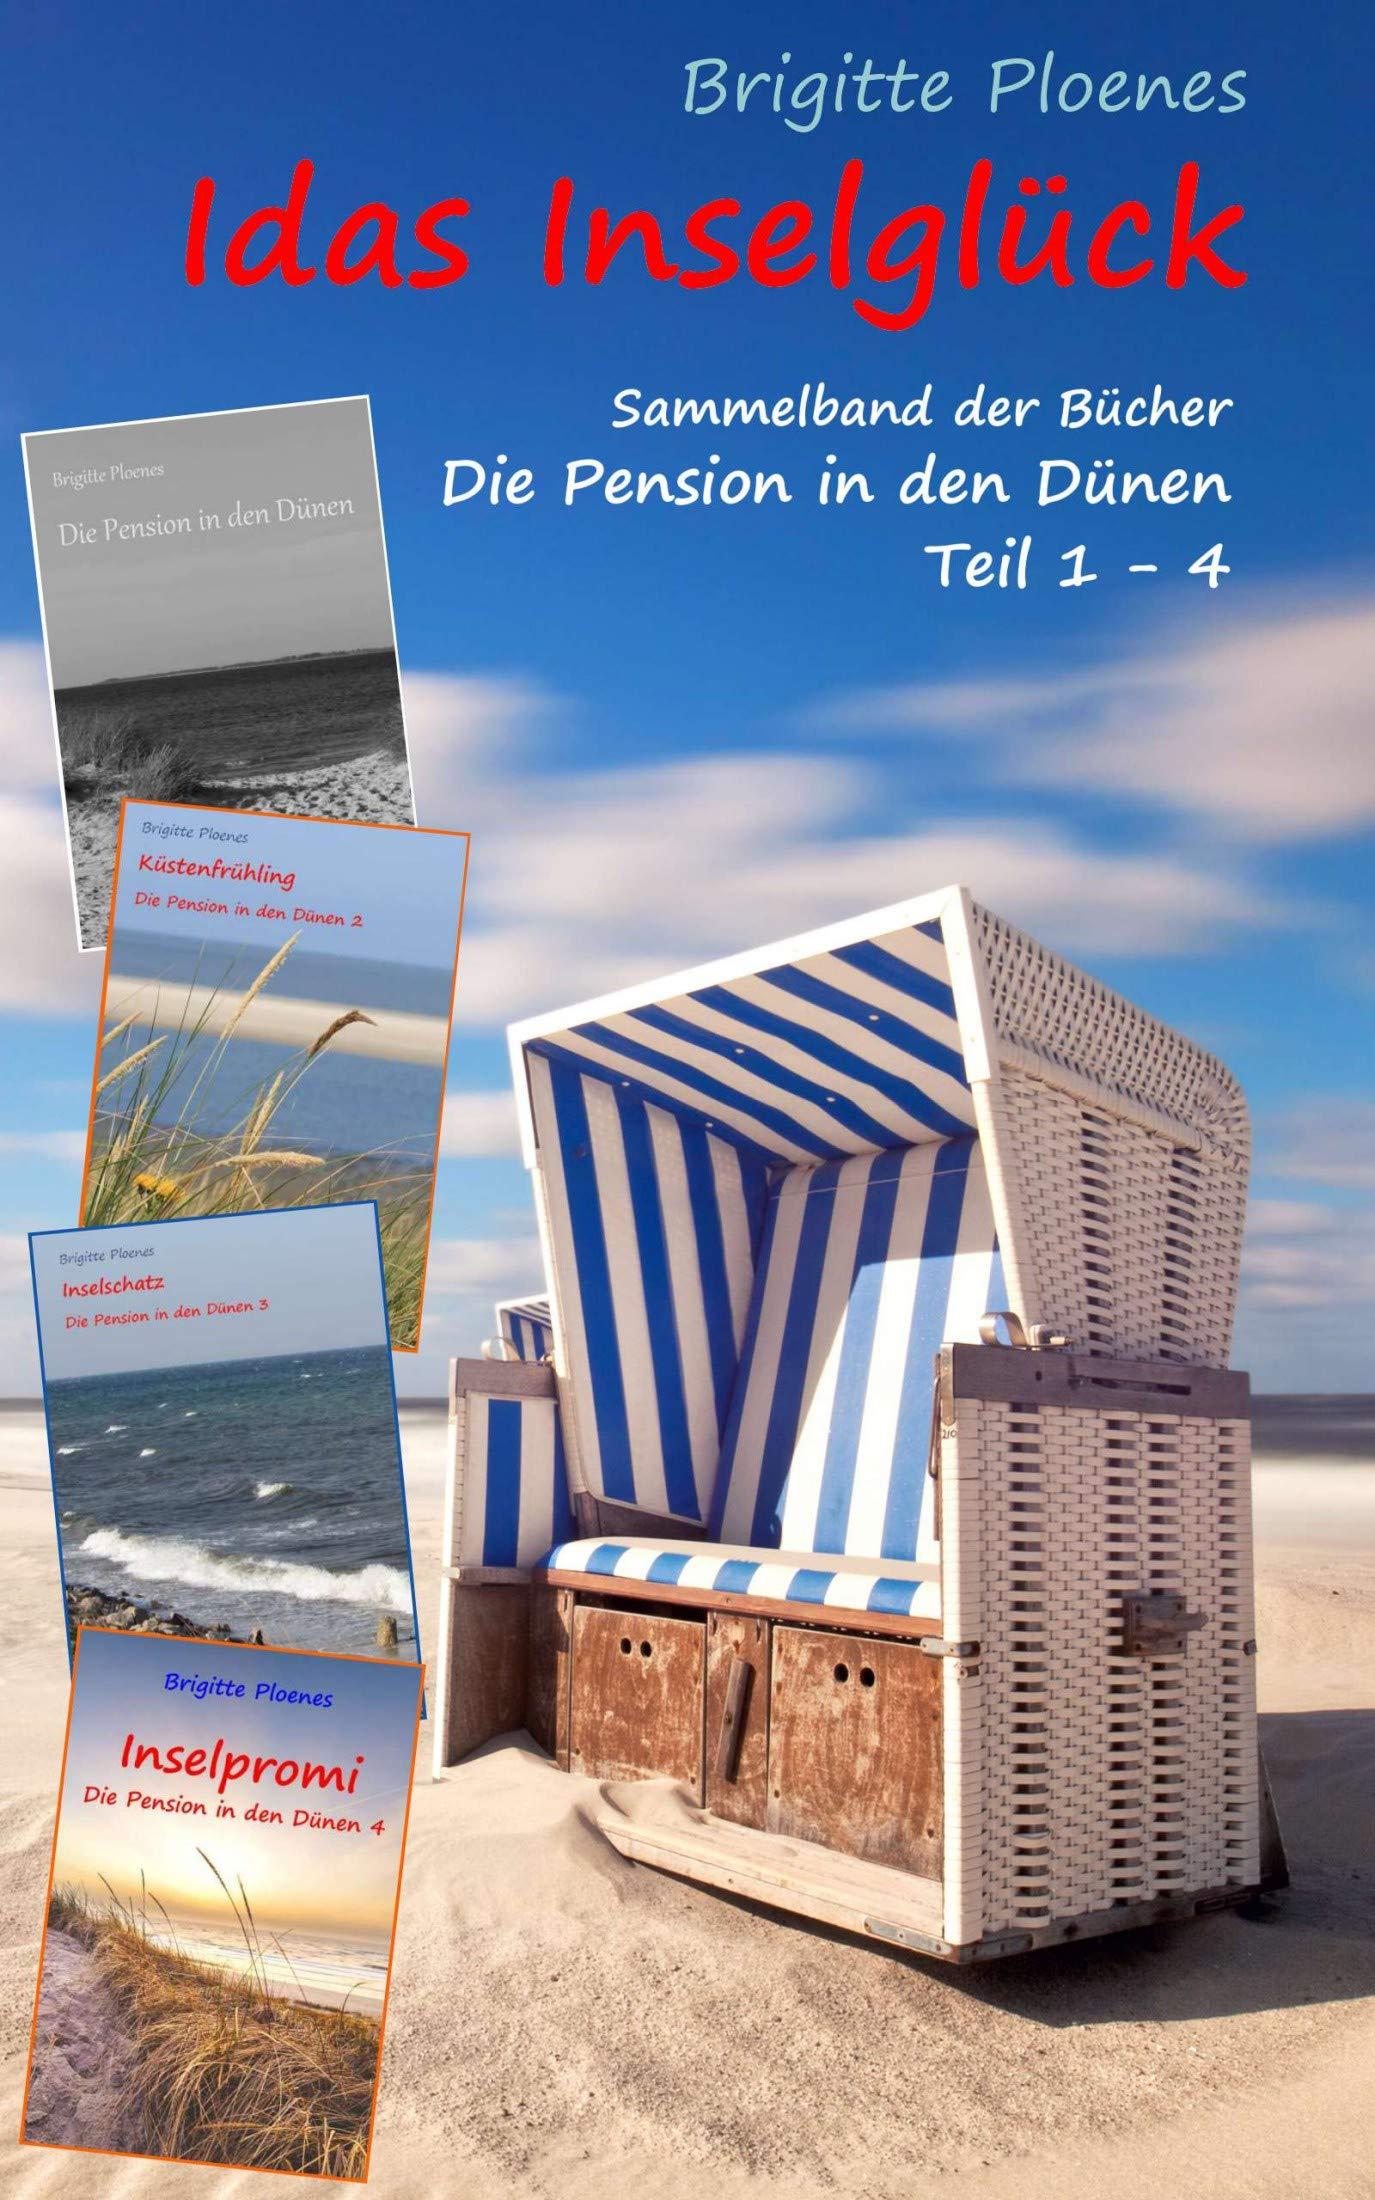 Idas Inselglück  Sammelband Der Bücher Die Pension In Den Dünen Teil 1 – 4